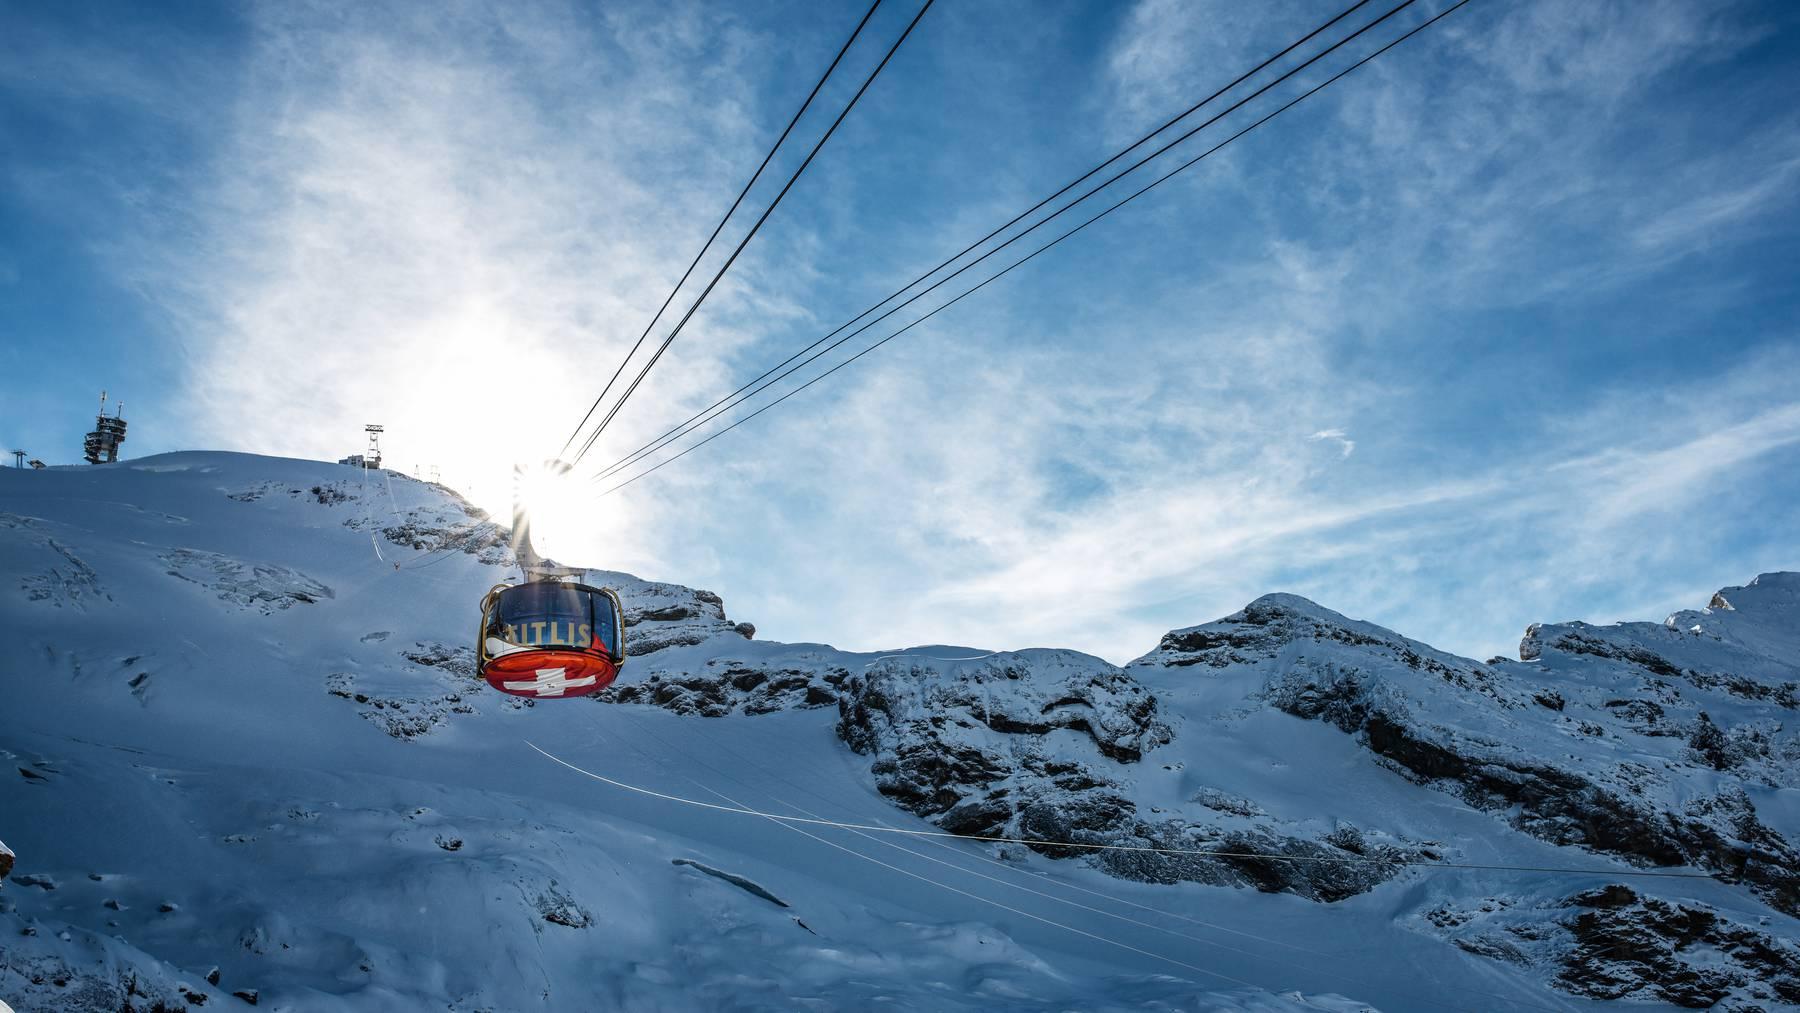 Die drehbare Luftseilbahn Rotair fährt auf den Titlis-Gletscher.